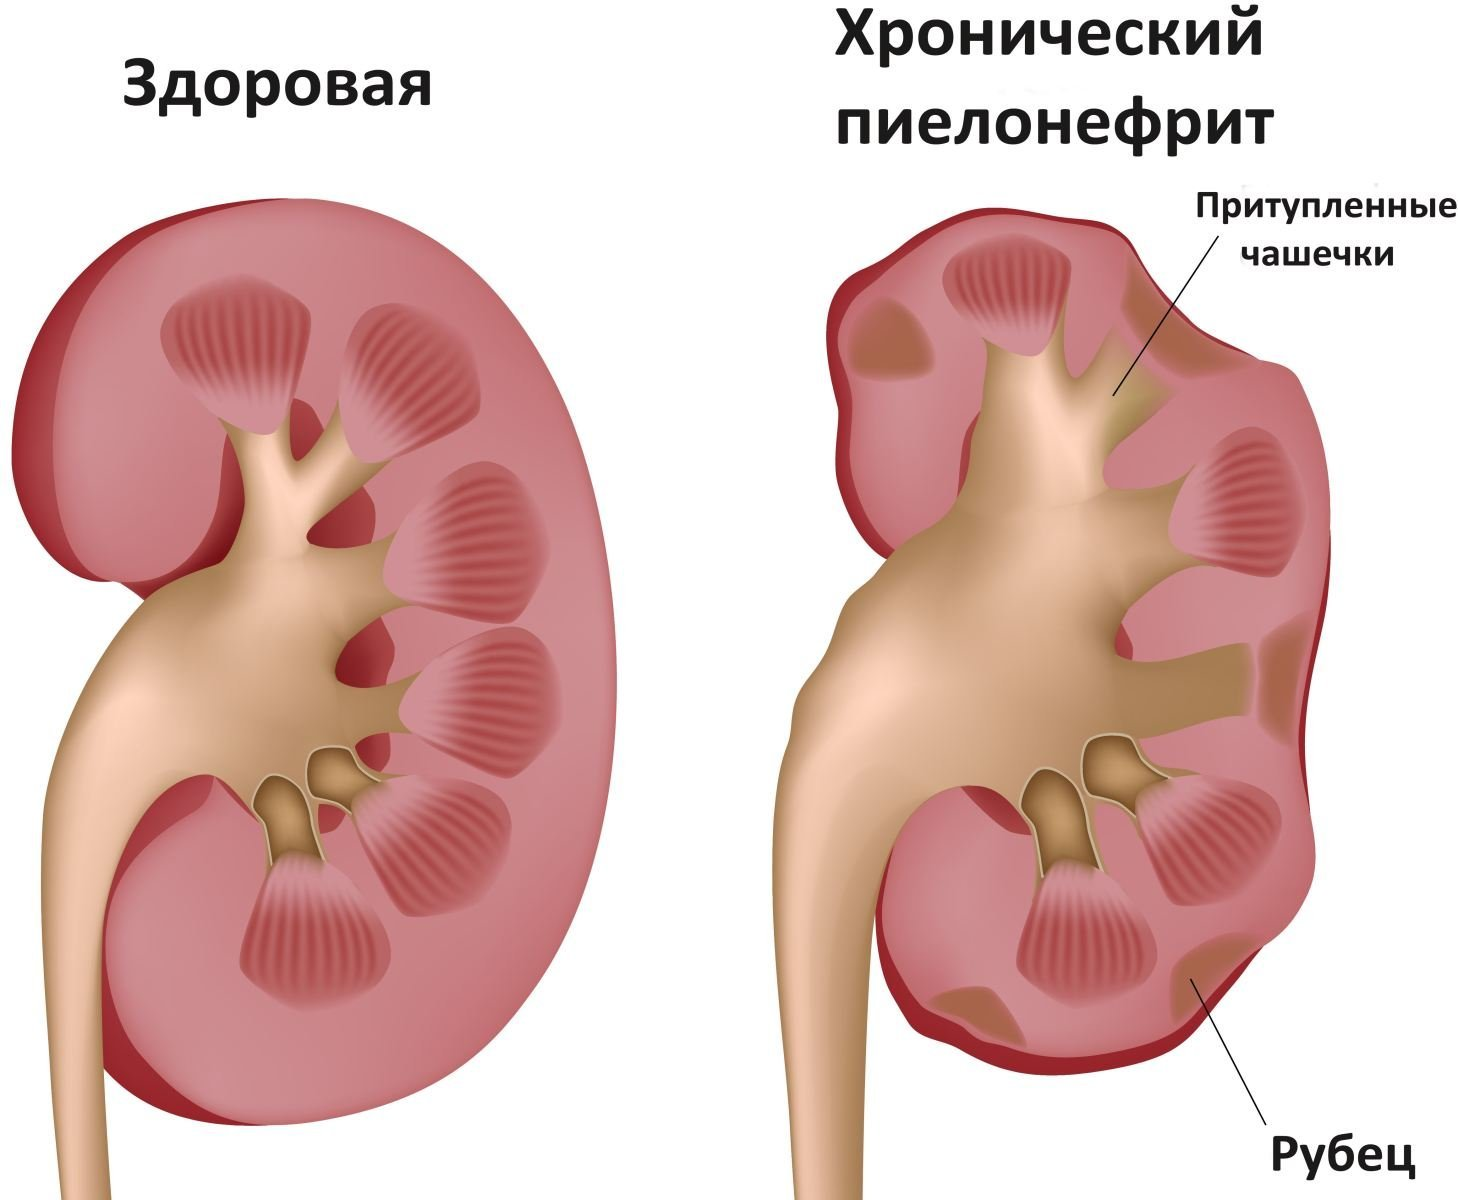 Что такое гидронефроз 1 степени. гидронефроз почек: что это такое, исход заболевания, симптомы и лечение. лечение гидронефроза почки.